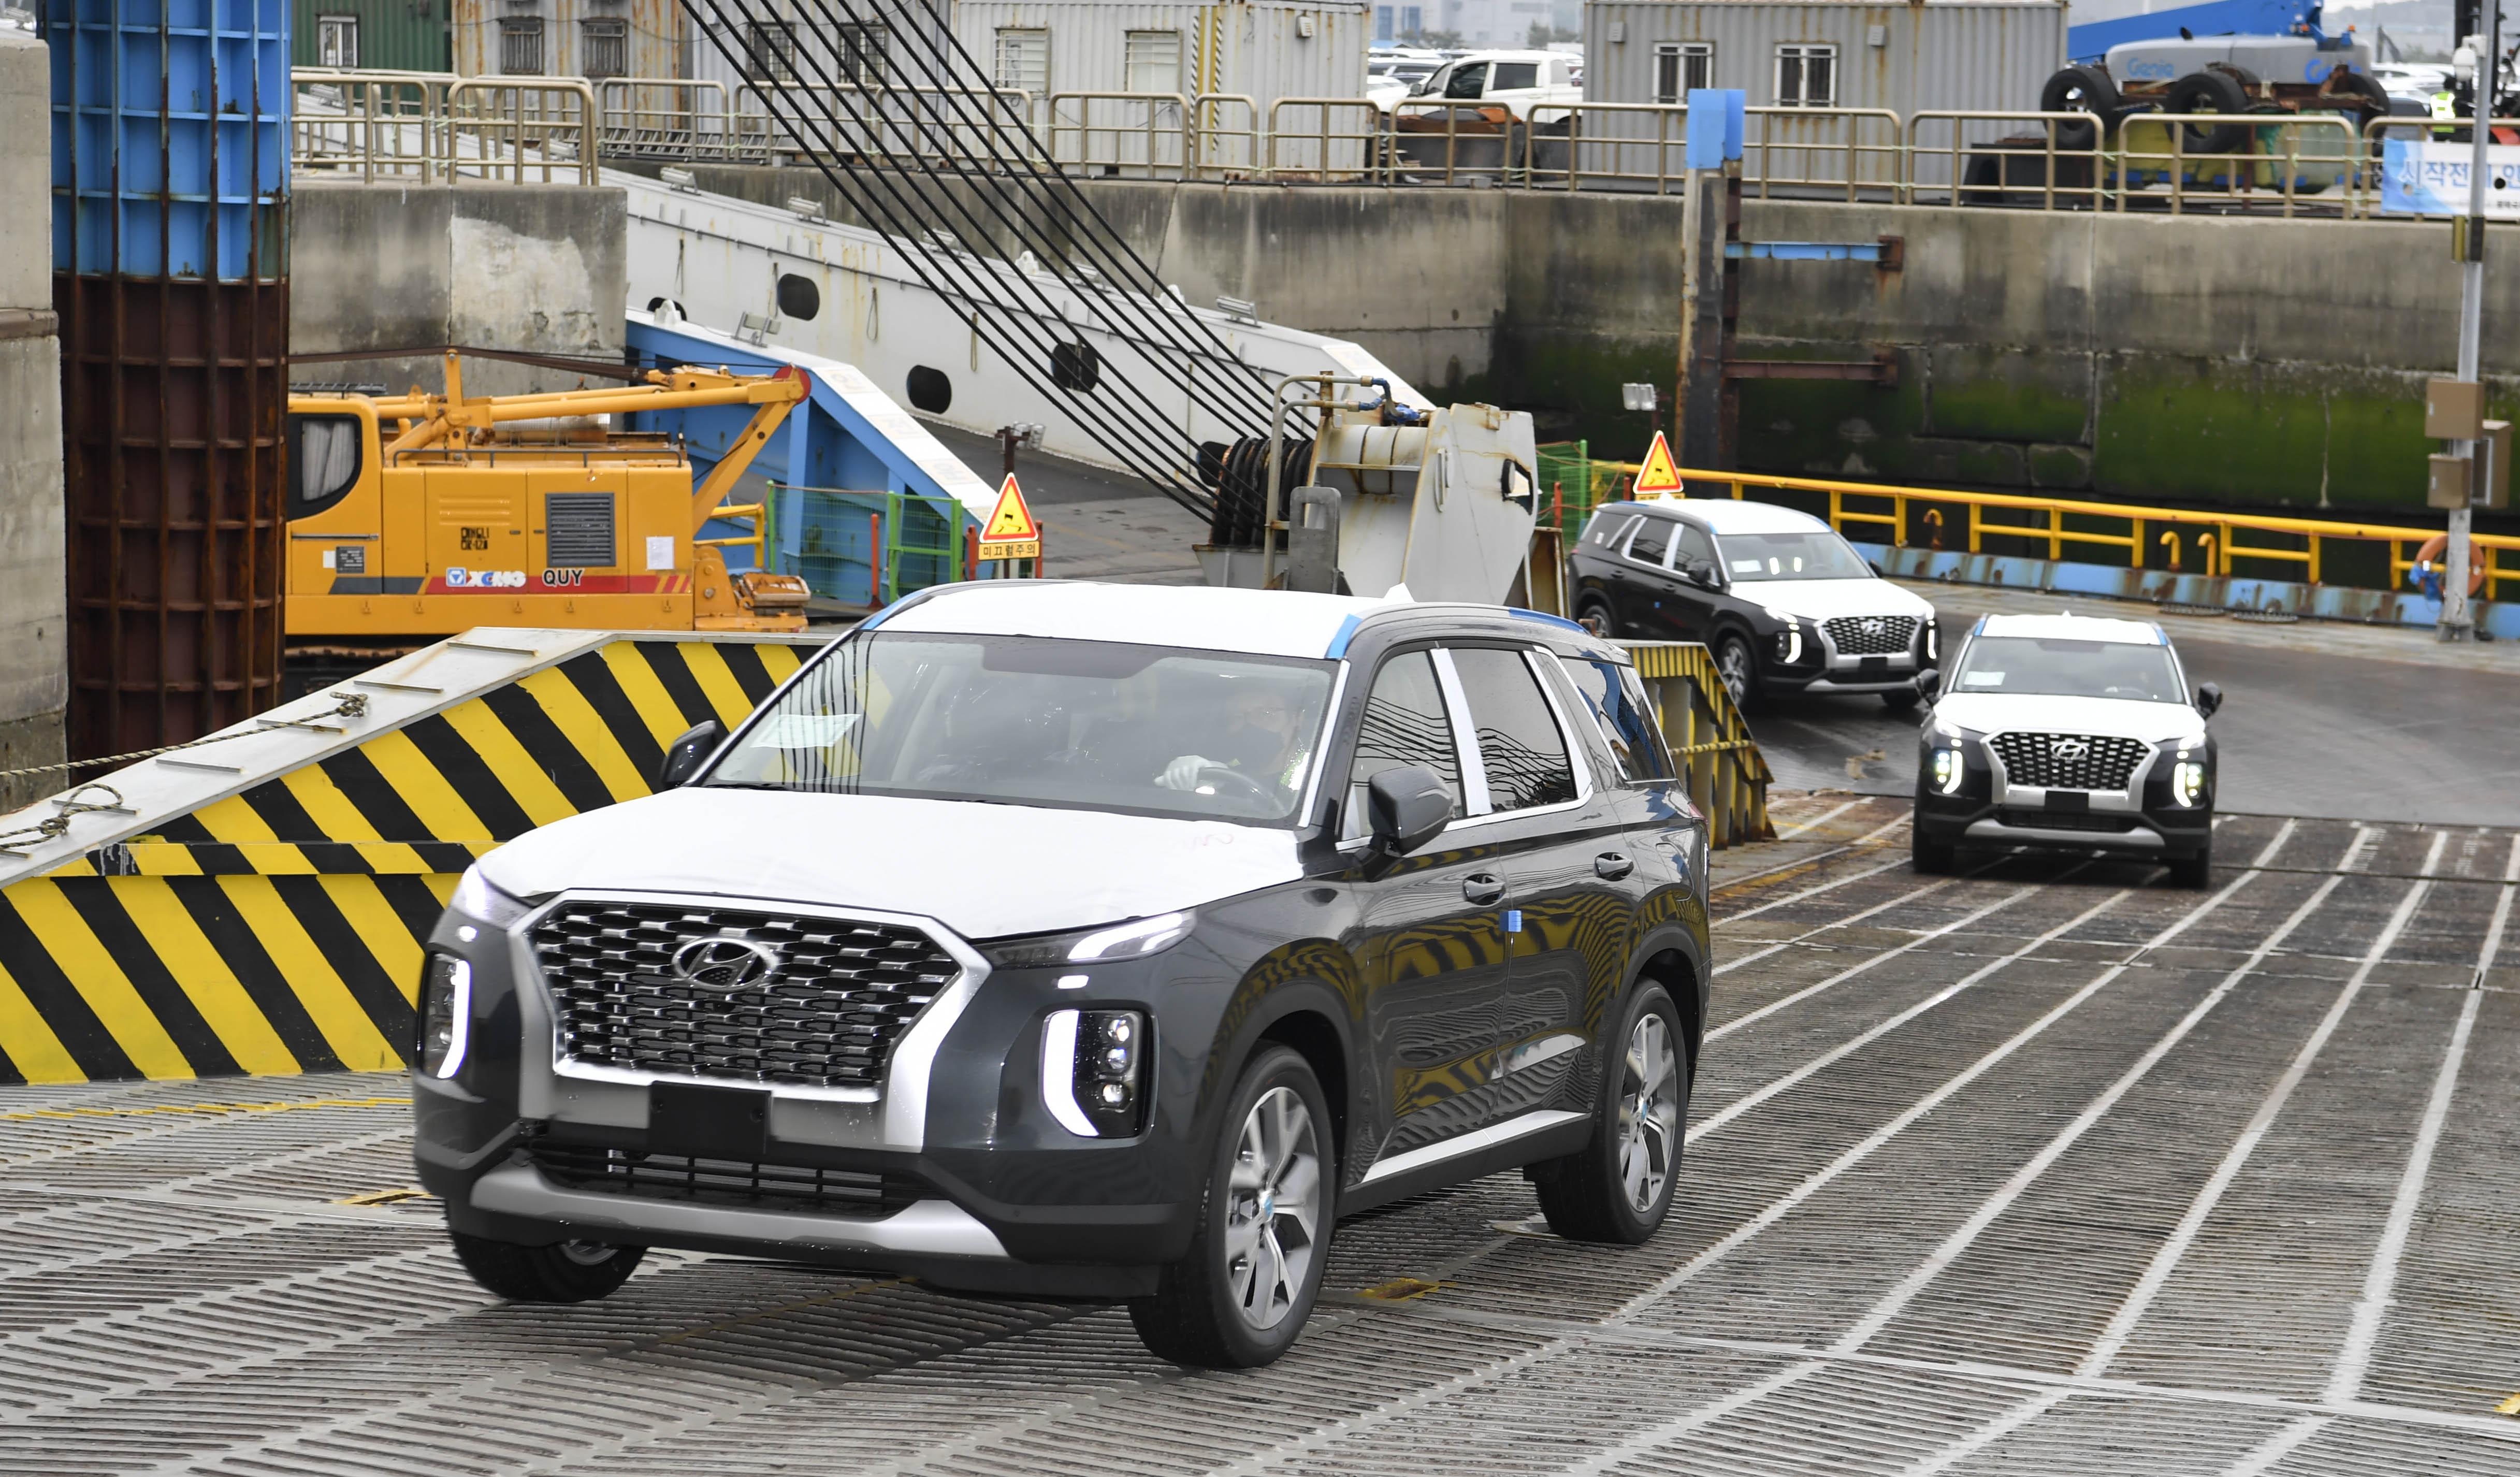 아프리카로 수출길 오른 현대 팰리세이드, 'VIP 의전차·정부 관용차'로 쓰인다